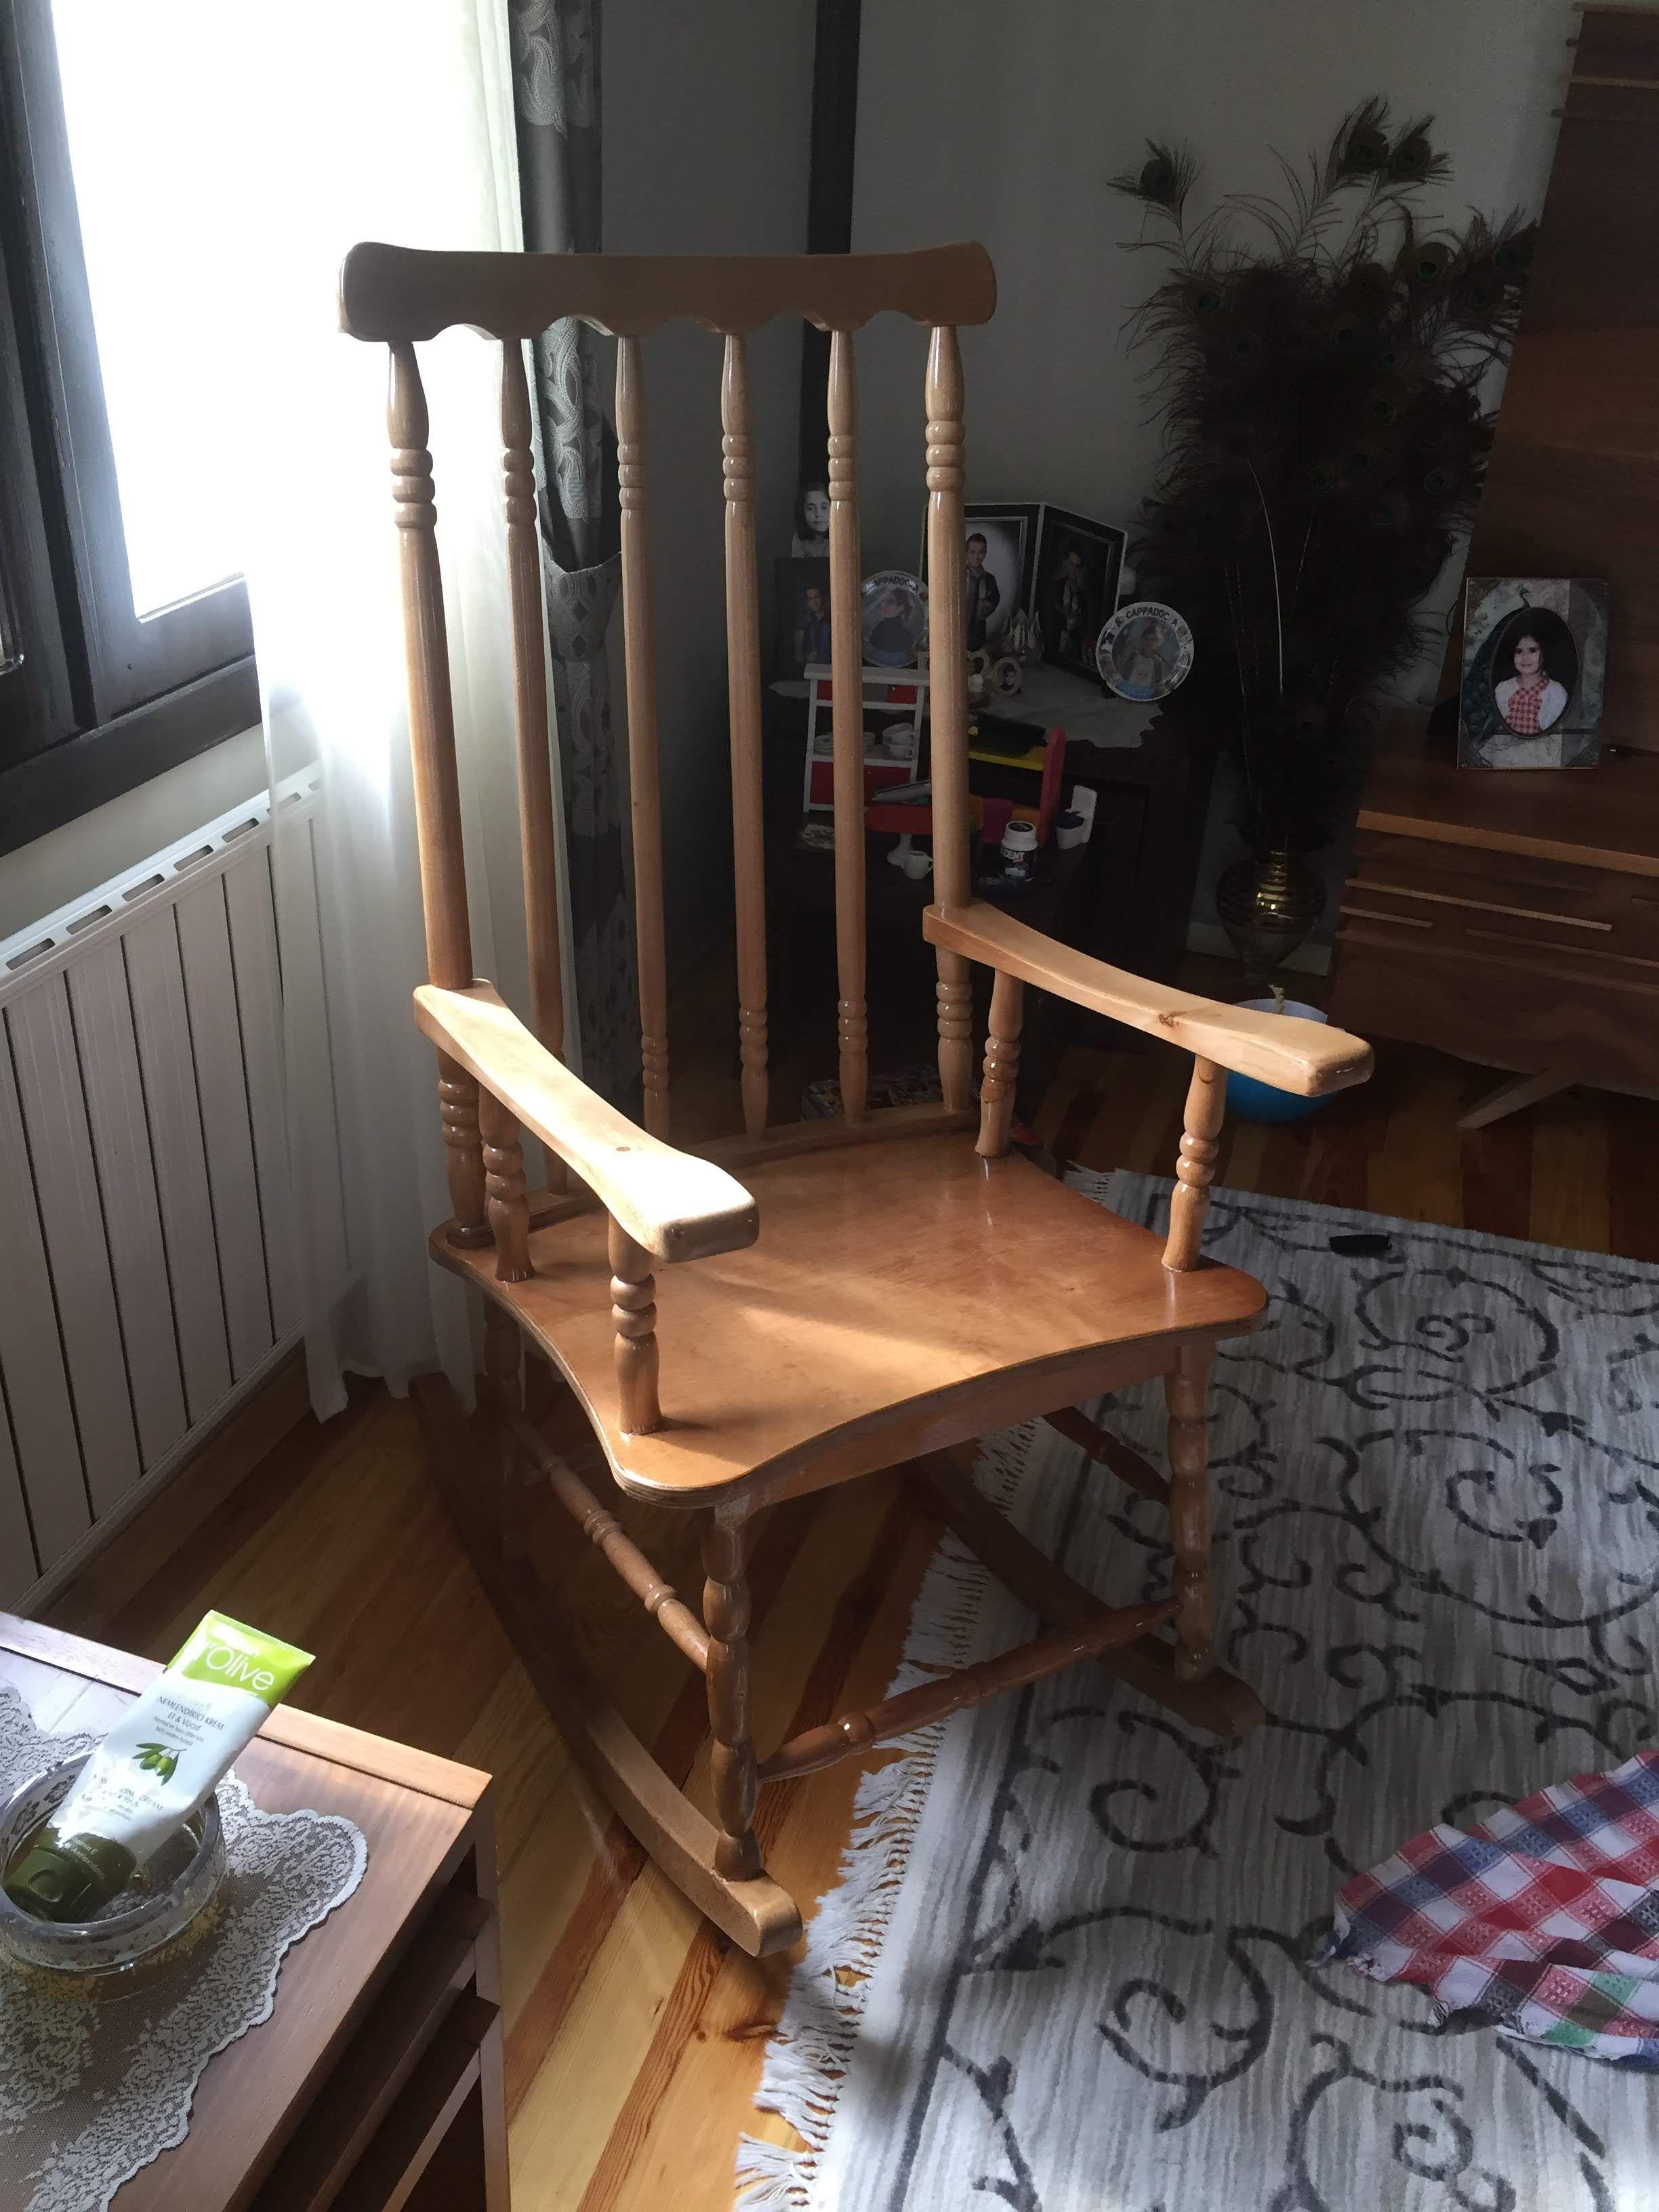 Ahsap El Yapimi Sallanan Sandalye Imalati Sandalye Mobilya Mobilya Tasarimi